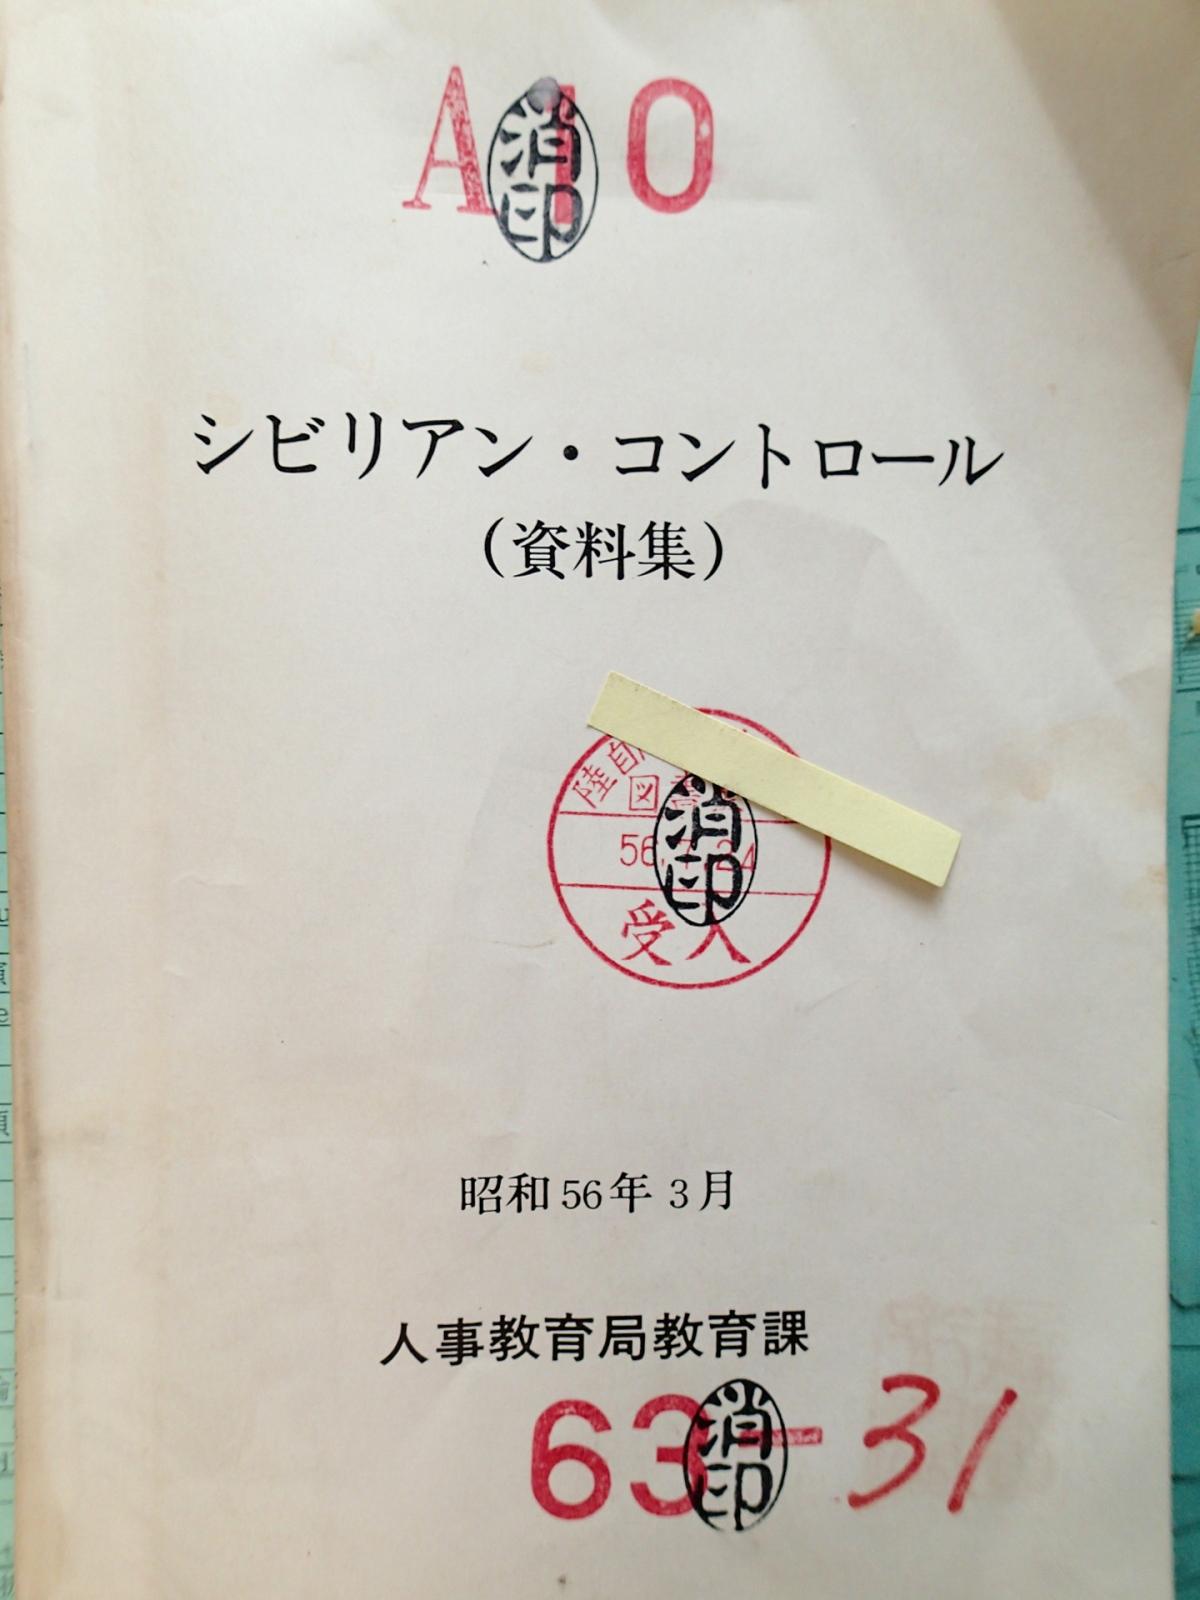 シビリアン・コントロール資料集